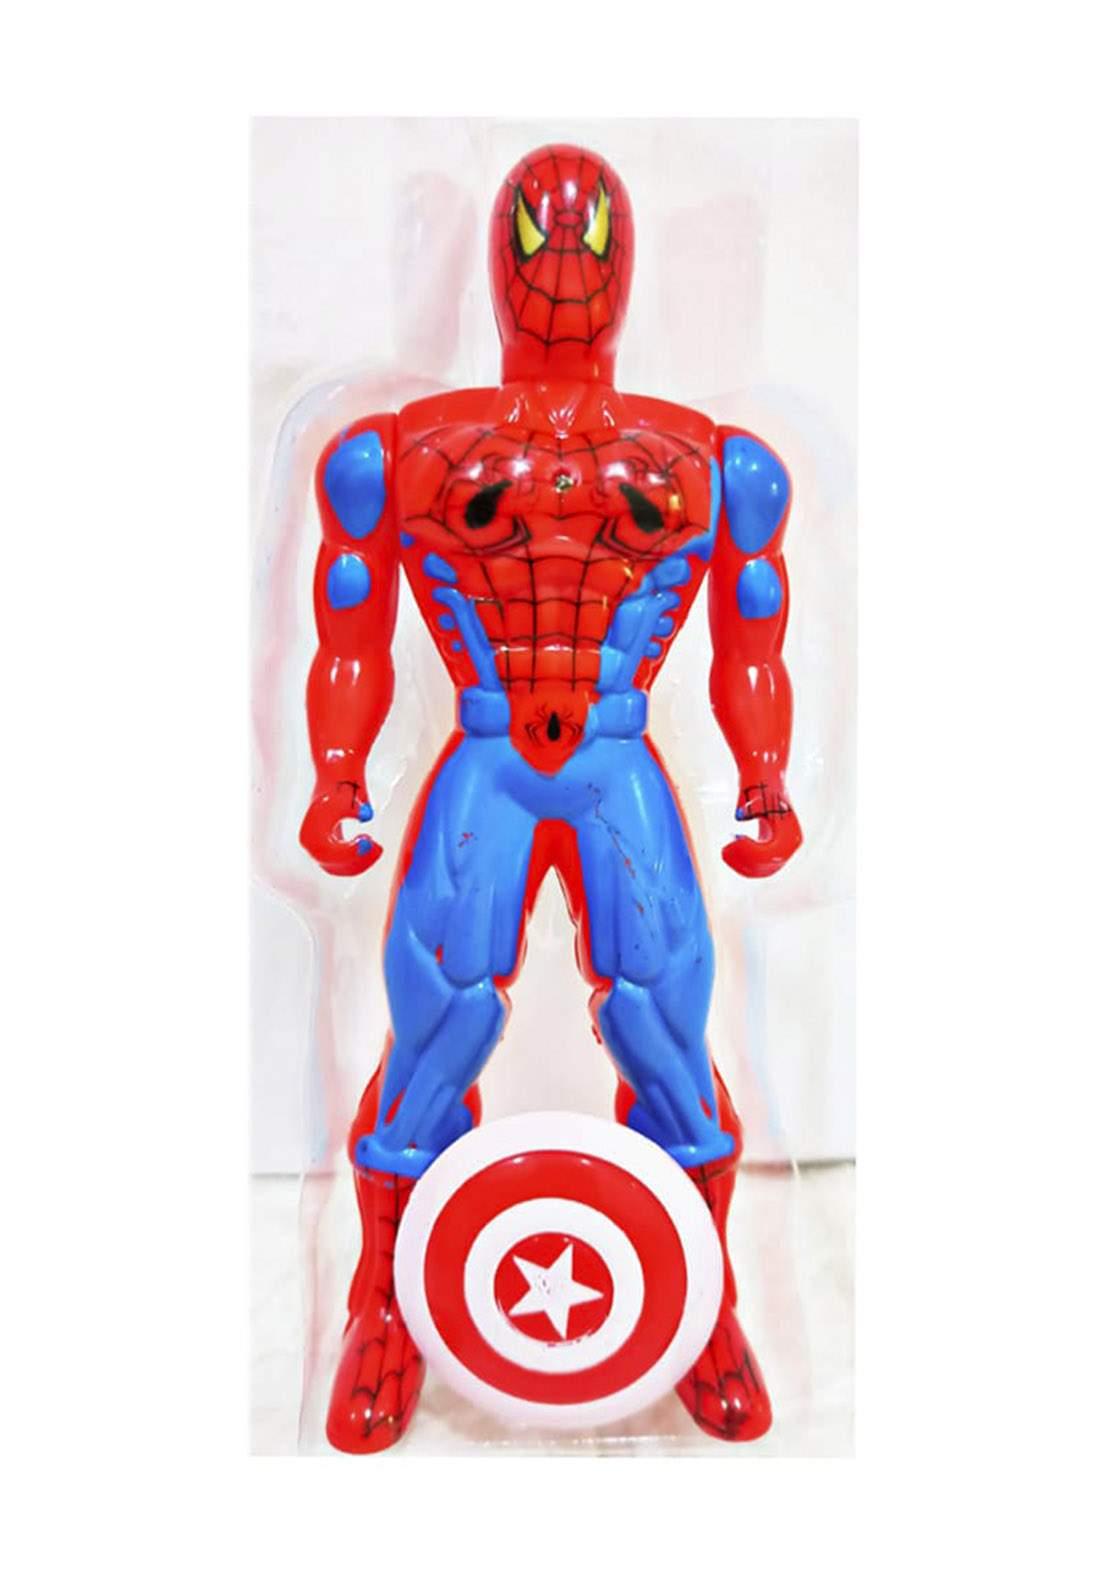 Universe Avengers Age OF Ultron Toy For Kids لعبة رجل العنكبوت للأطفال